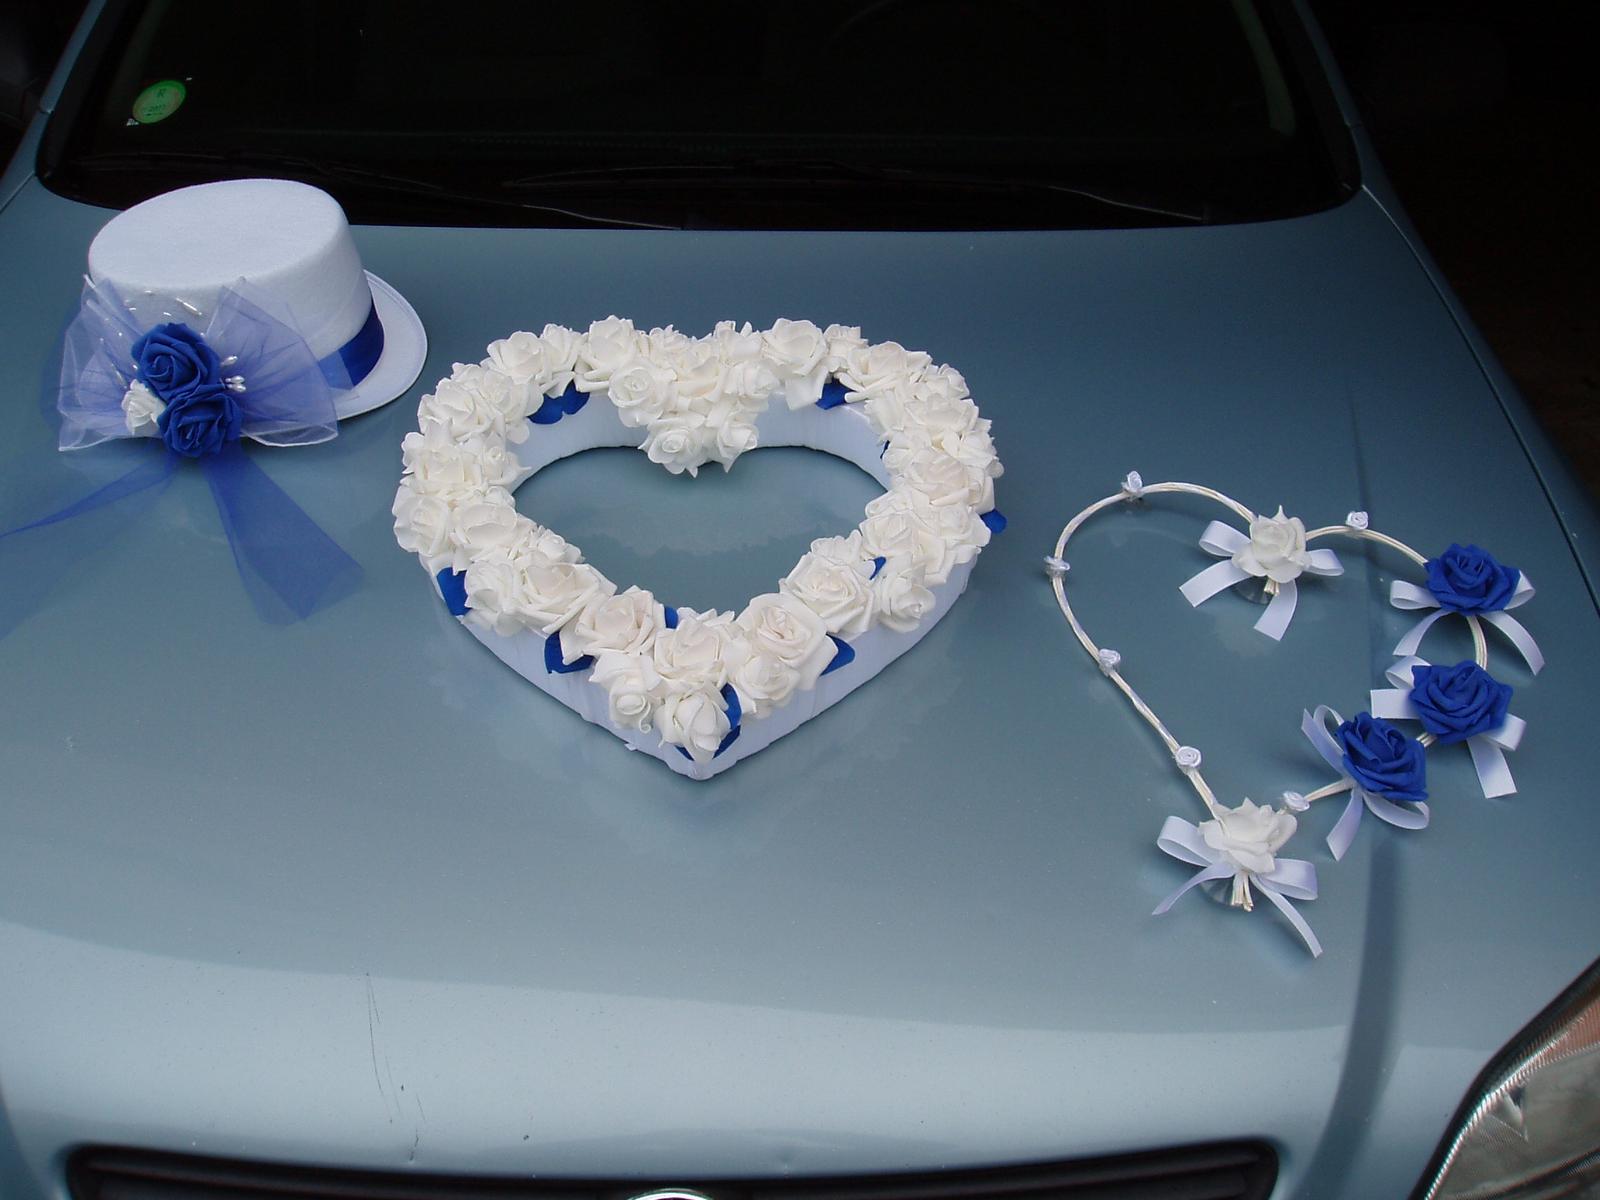 Svatební dekorace - dekorace na auto